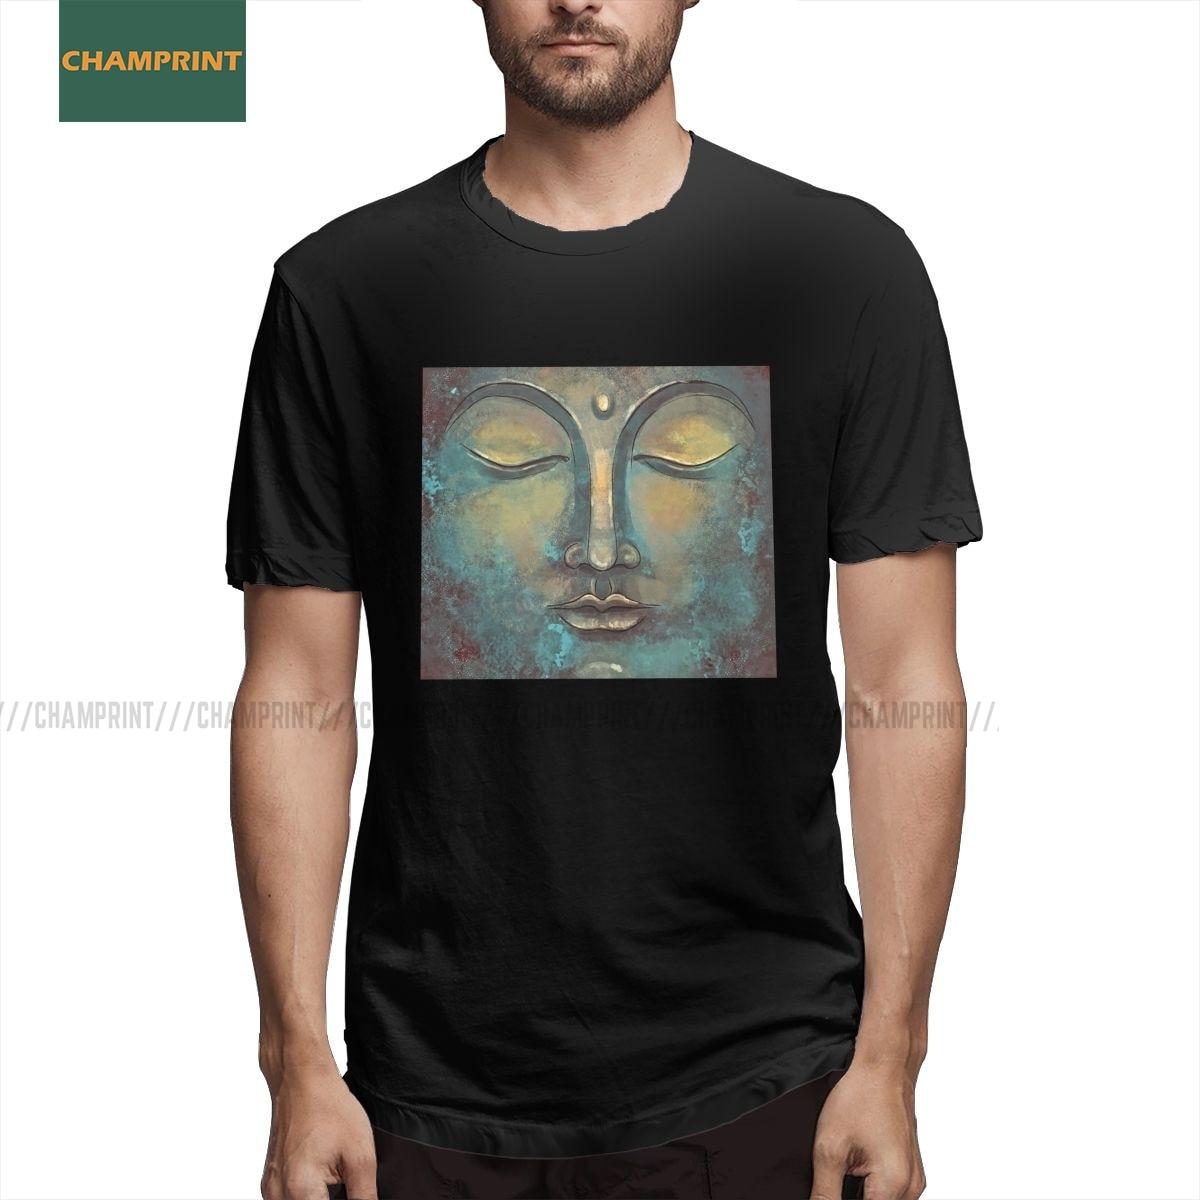 Будда, разитация, искусство, футболки, мужские чистые хлопковые удивительные футболки, Йога, дзен, буддизм, духовный, индийский буддийский Стиль Вечерние|Футболки| | АлиЭкспресс